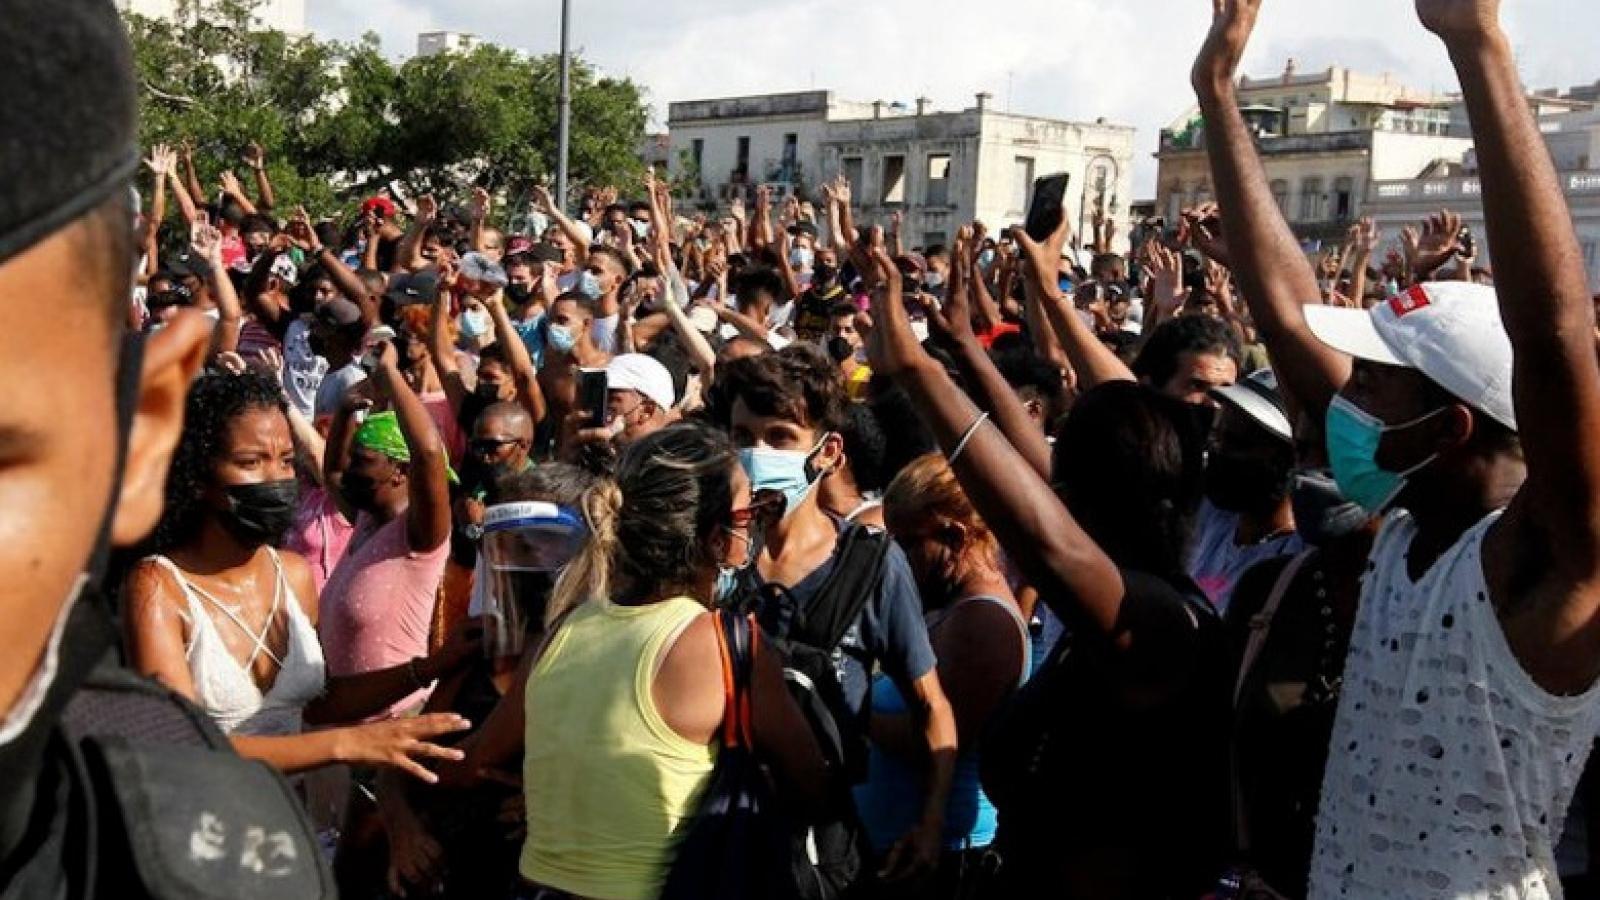 Cuba tố cáo Mỹ kích động biểu tình bạo động gây hậu quả tiêu cực ở đảo quốc Caribe